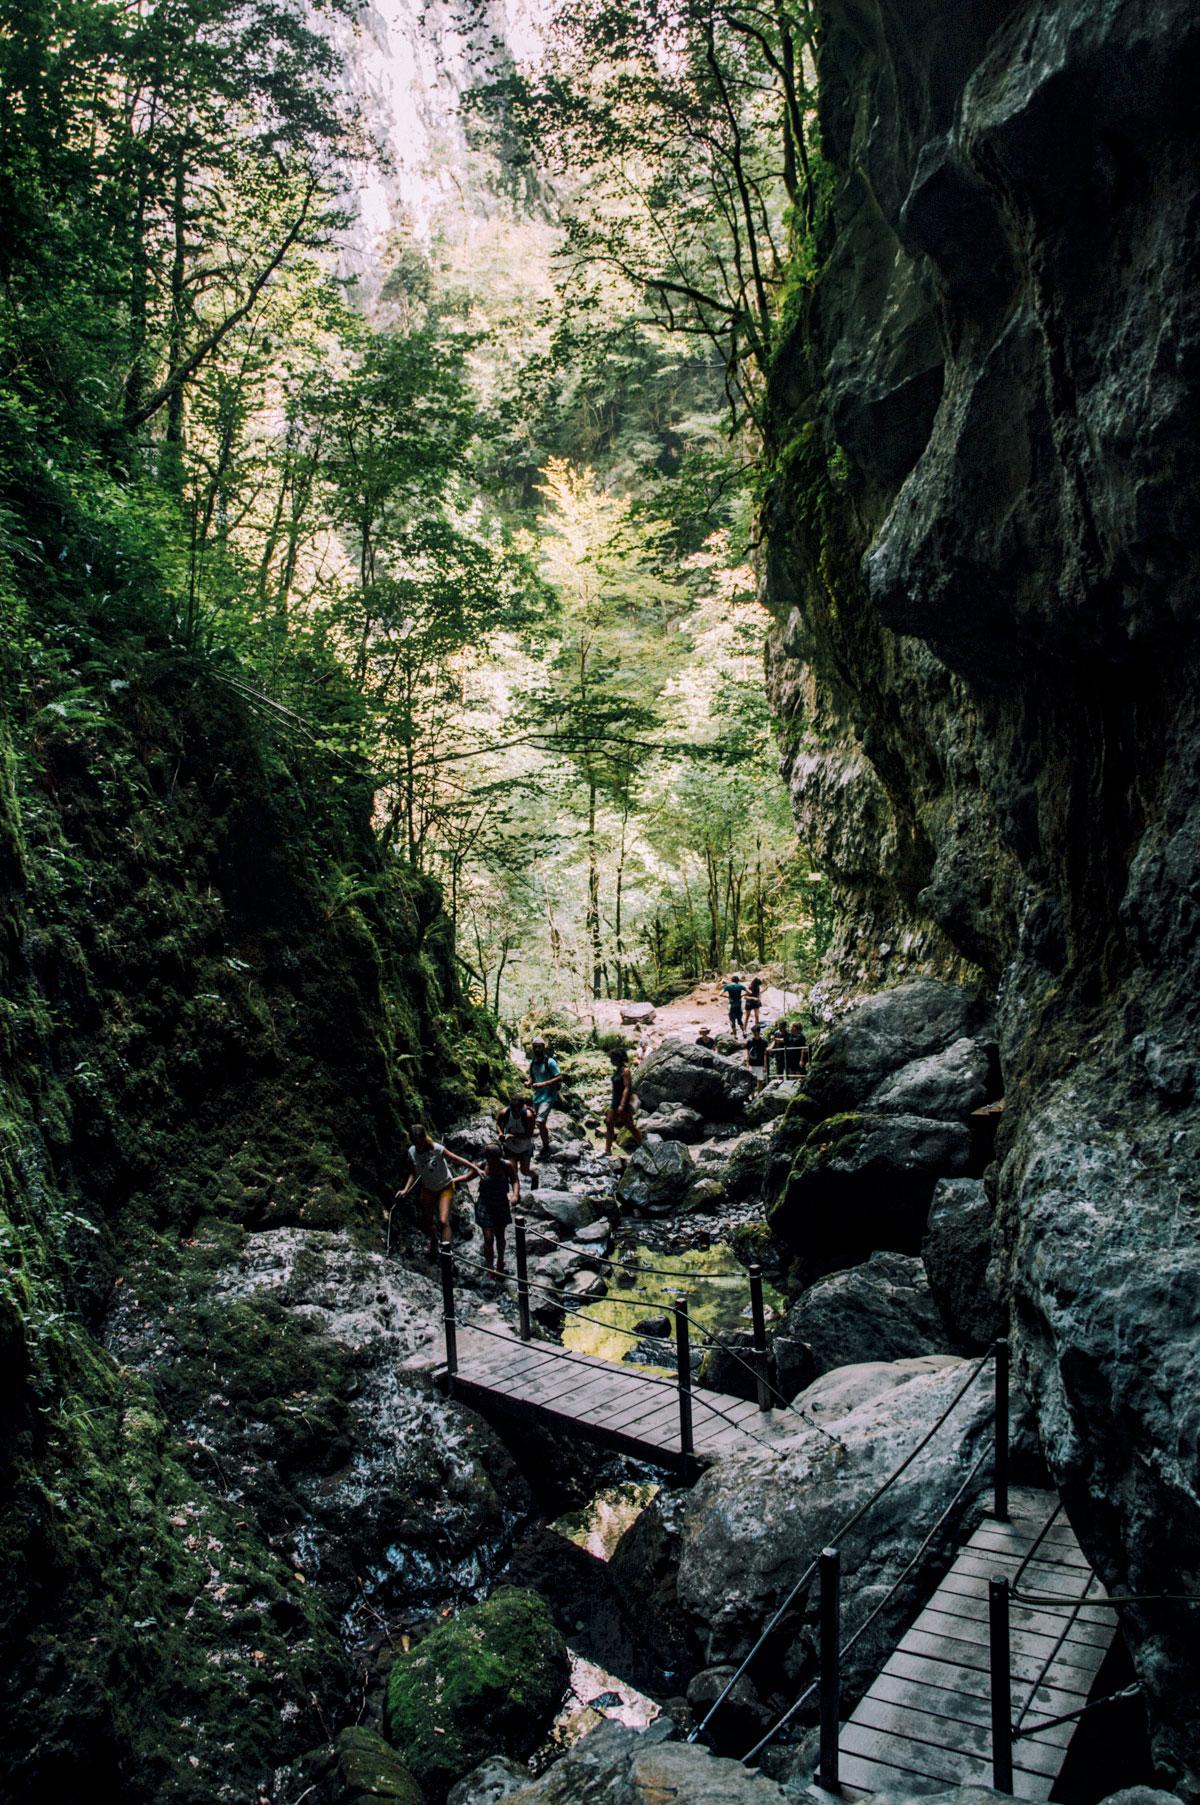 Visiter Grotte Kakuetta Pyrénées Atlantiques